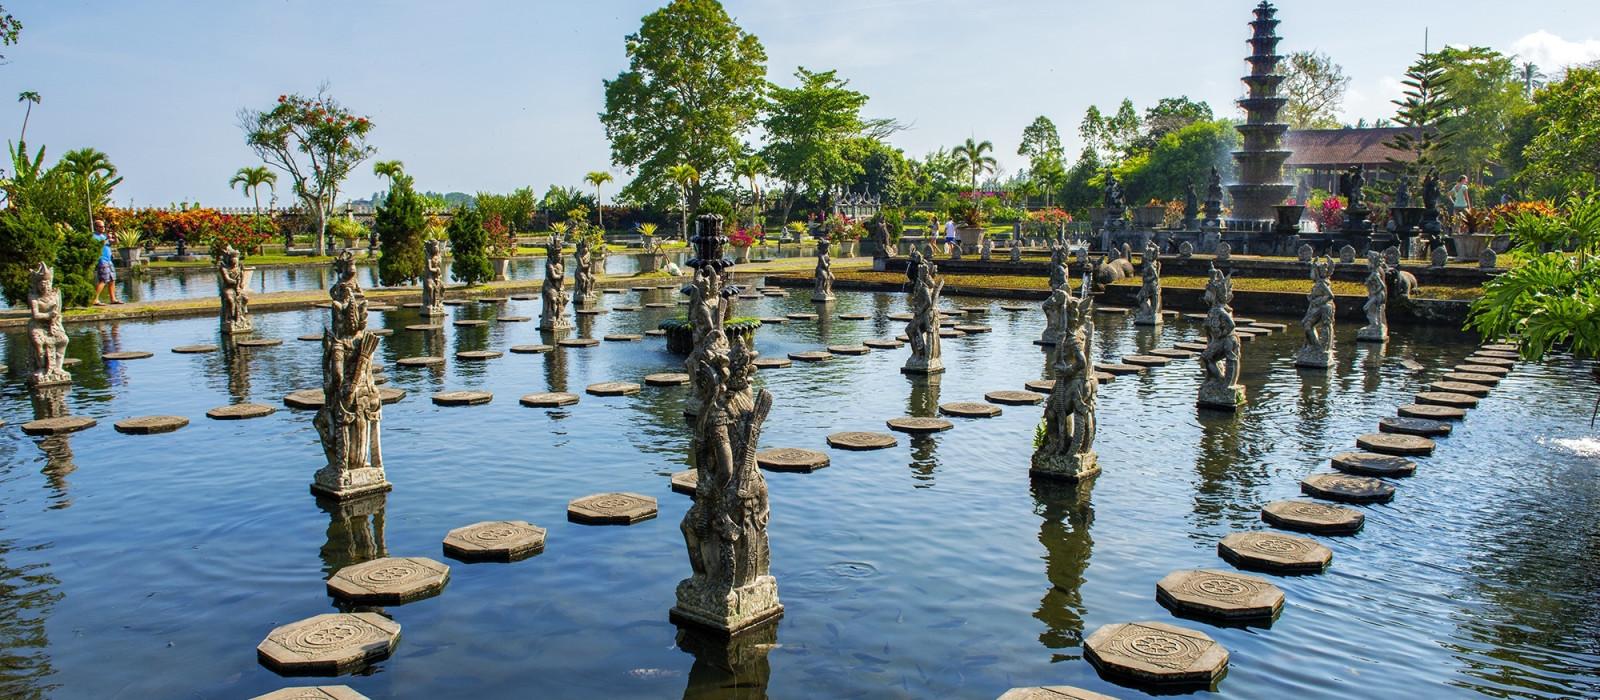 Reiseziel Bali, Candi Dasa Indonesien